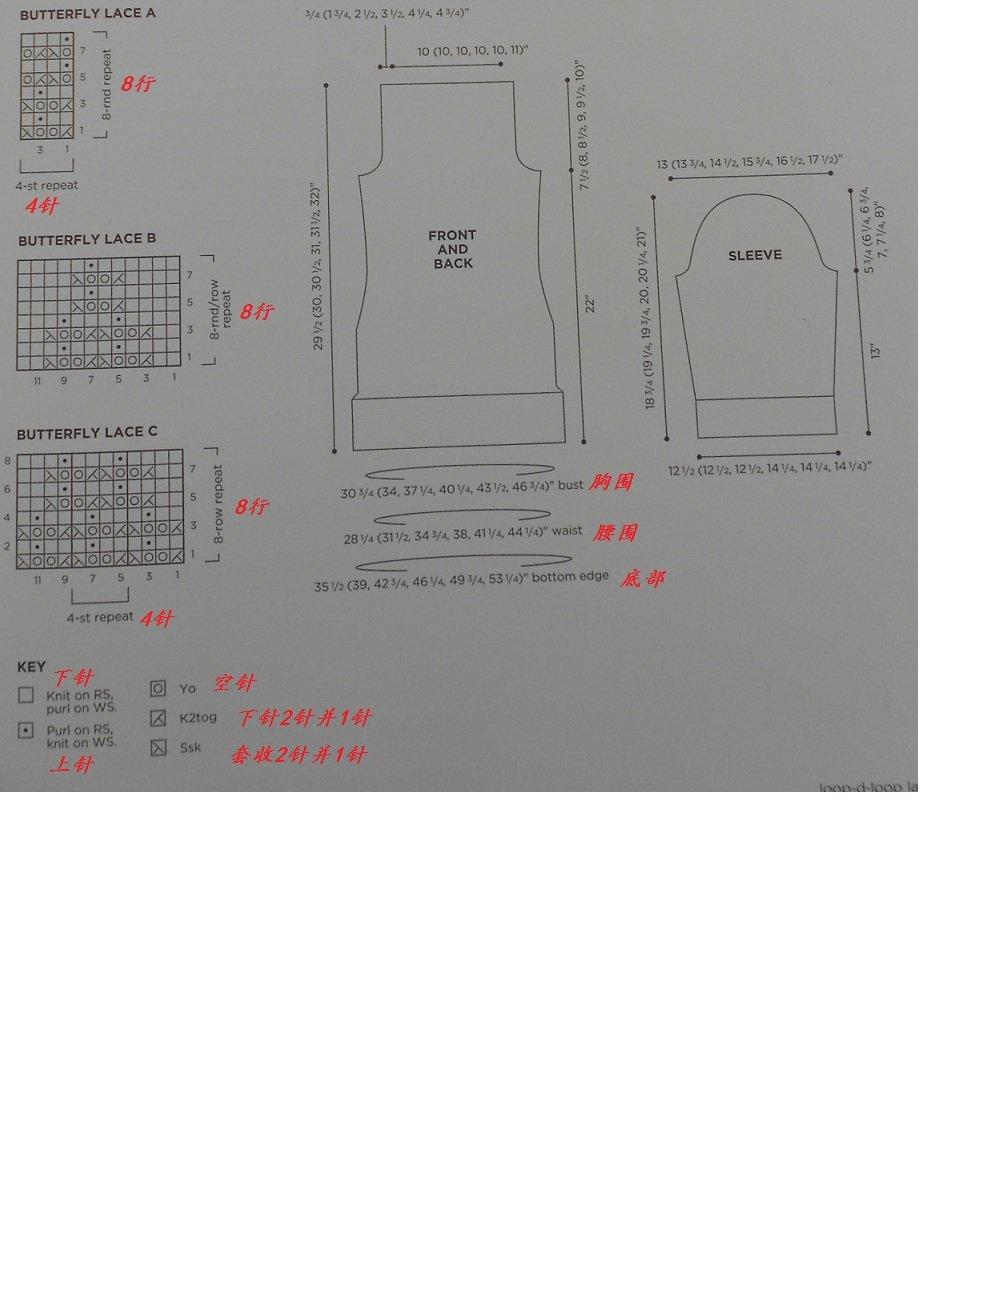 DSCN0389-1.jpg